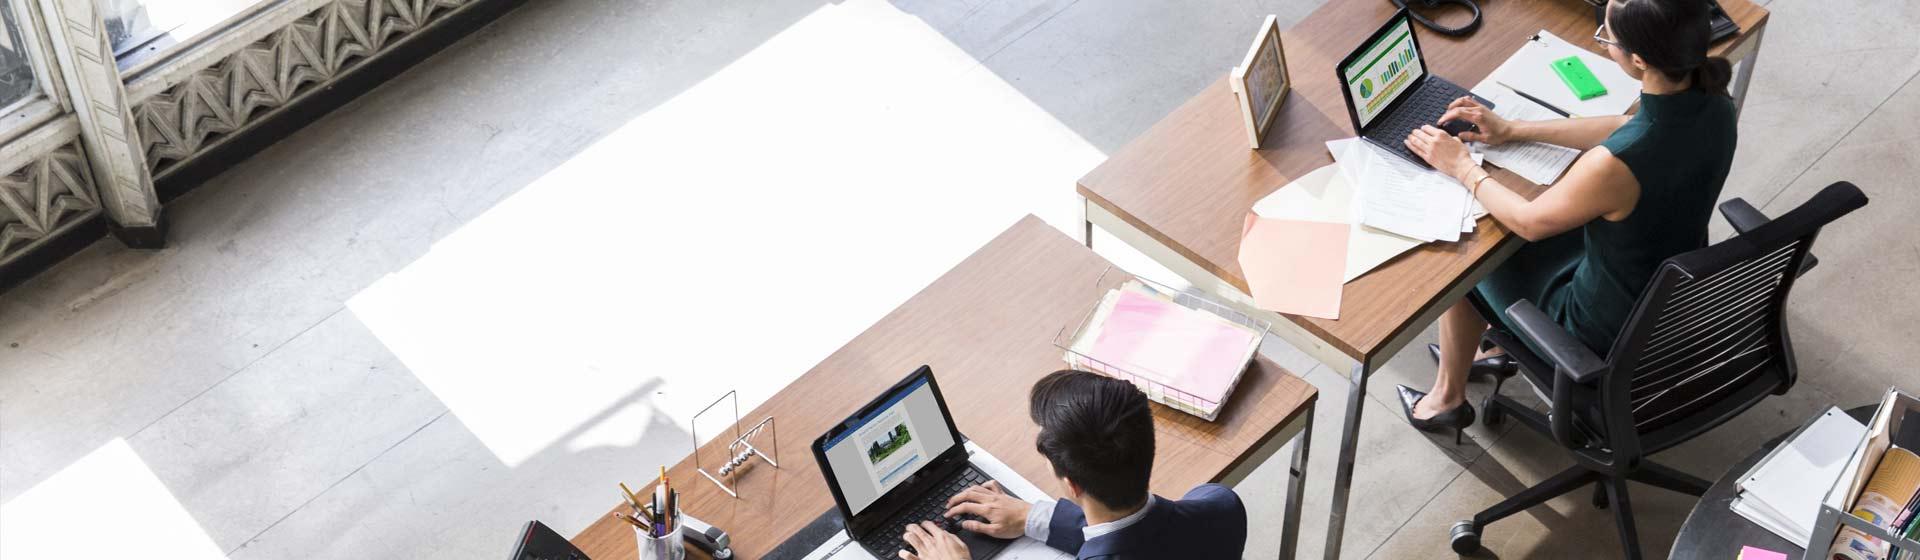 Atualize do Office 2013 para o Office 365 e aproveite os novos recursos